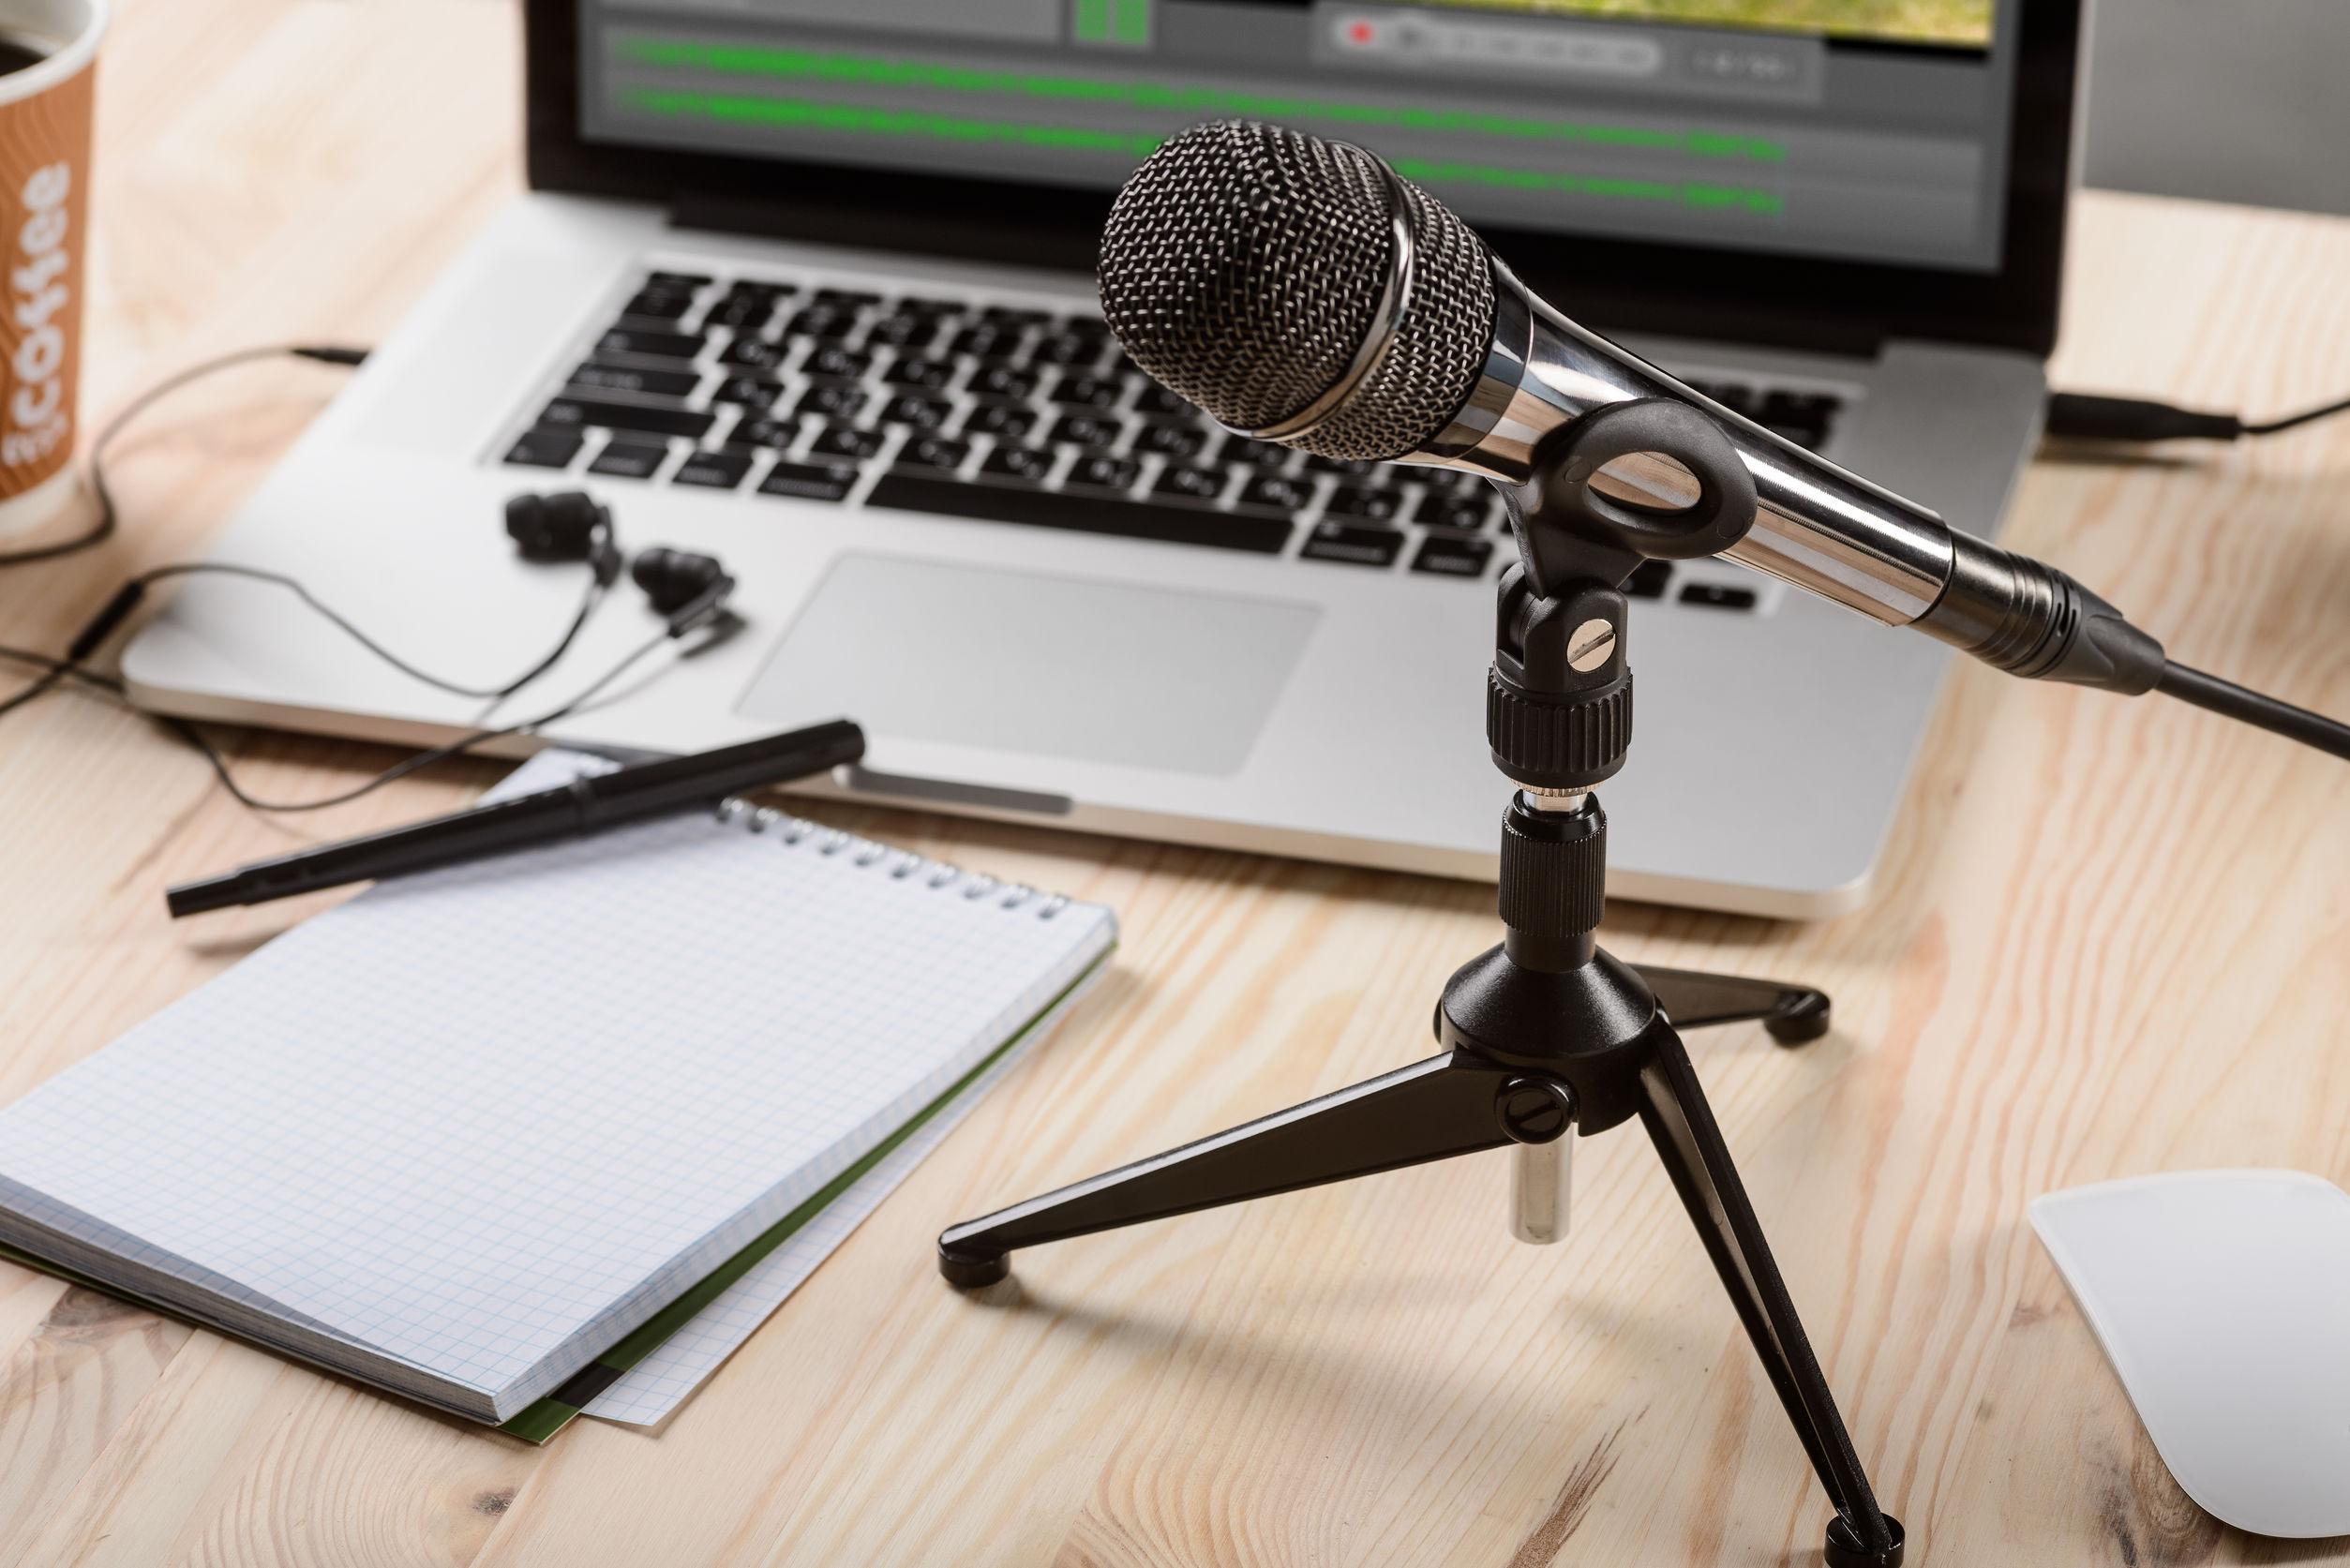 Miglior microfono per PC 2020: Guida all'acquisto